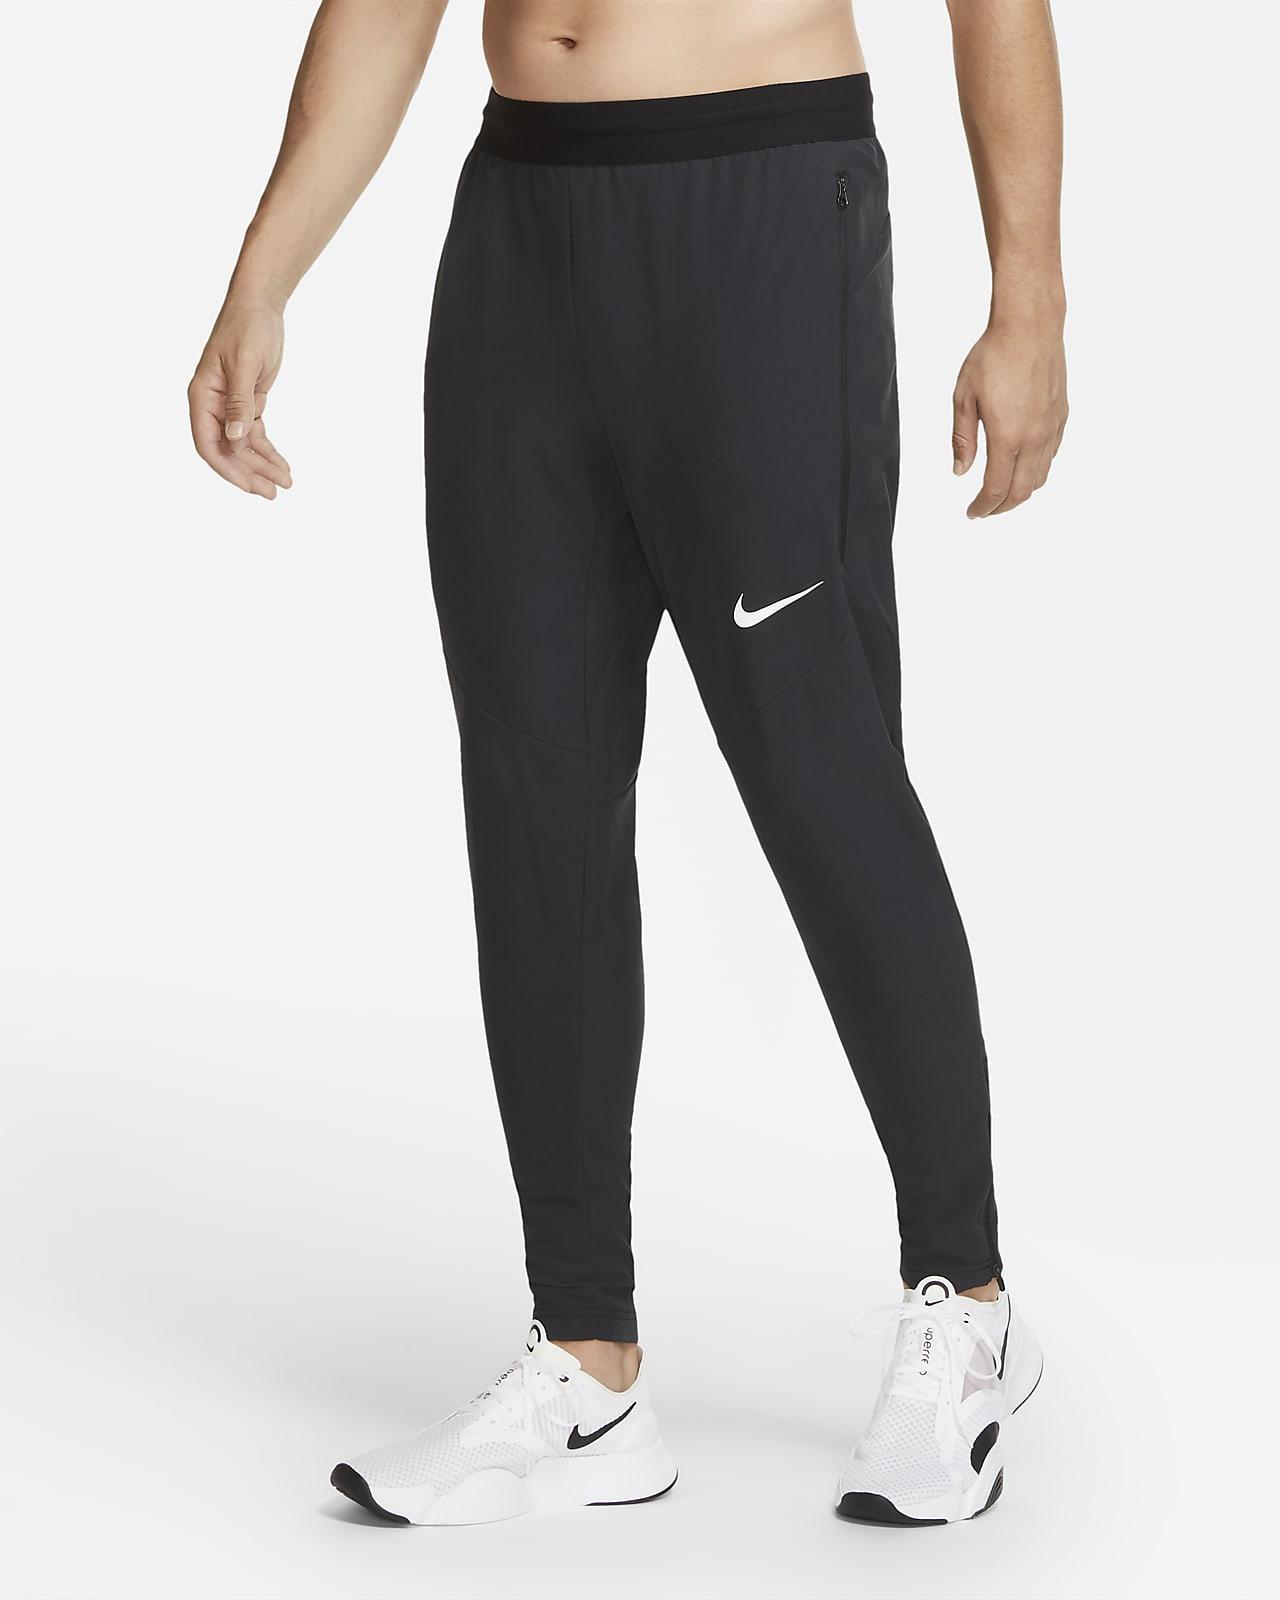 Nike Pantalons de teixit Woven amb protecció contra el mal temps d'entrenament - Home